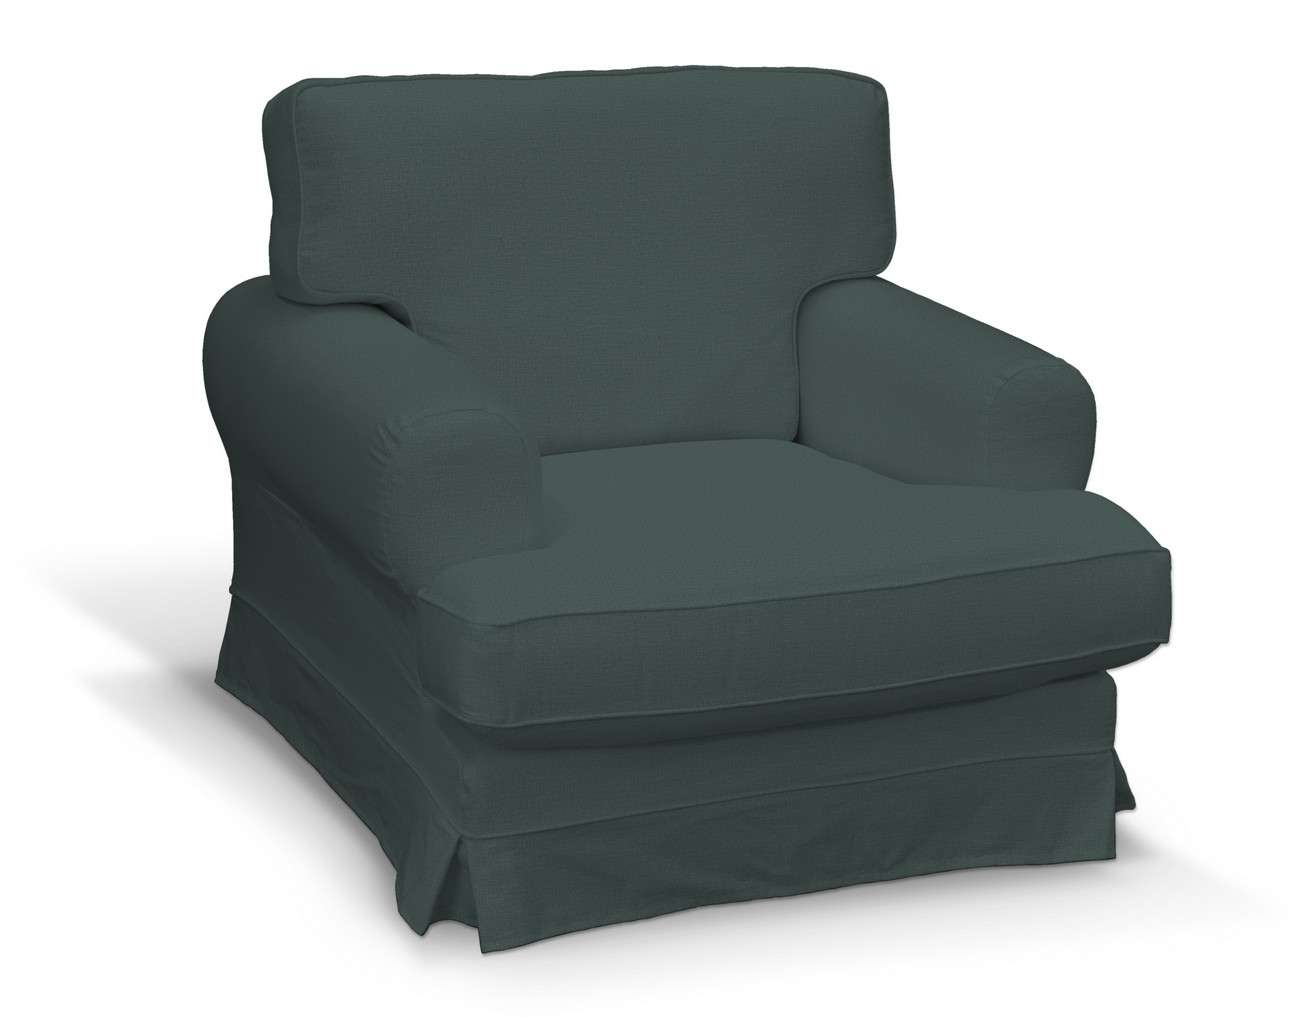 Pokrowiec na fotel Ekeskog w kolekcji Ingrid, tkanina: 705-36